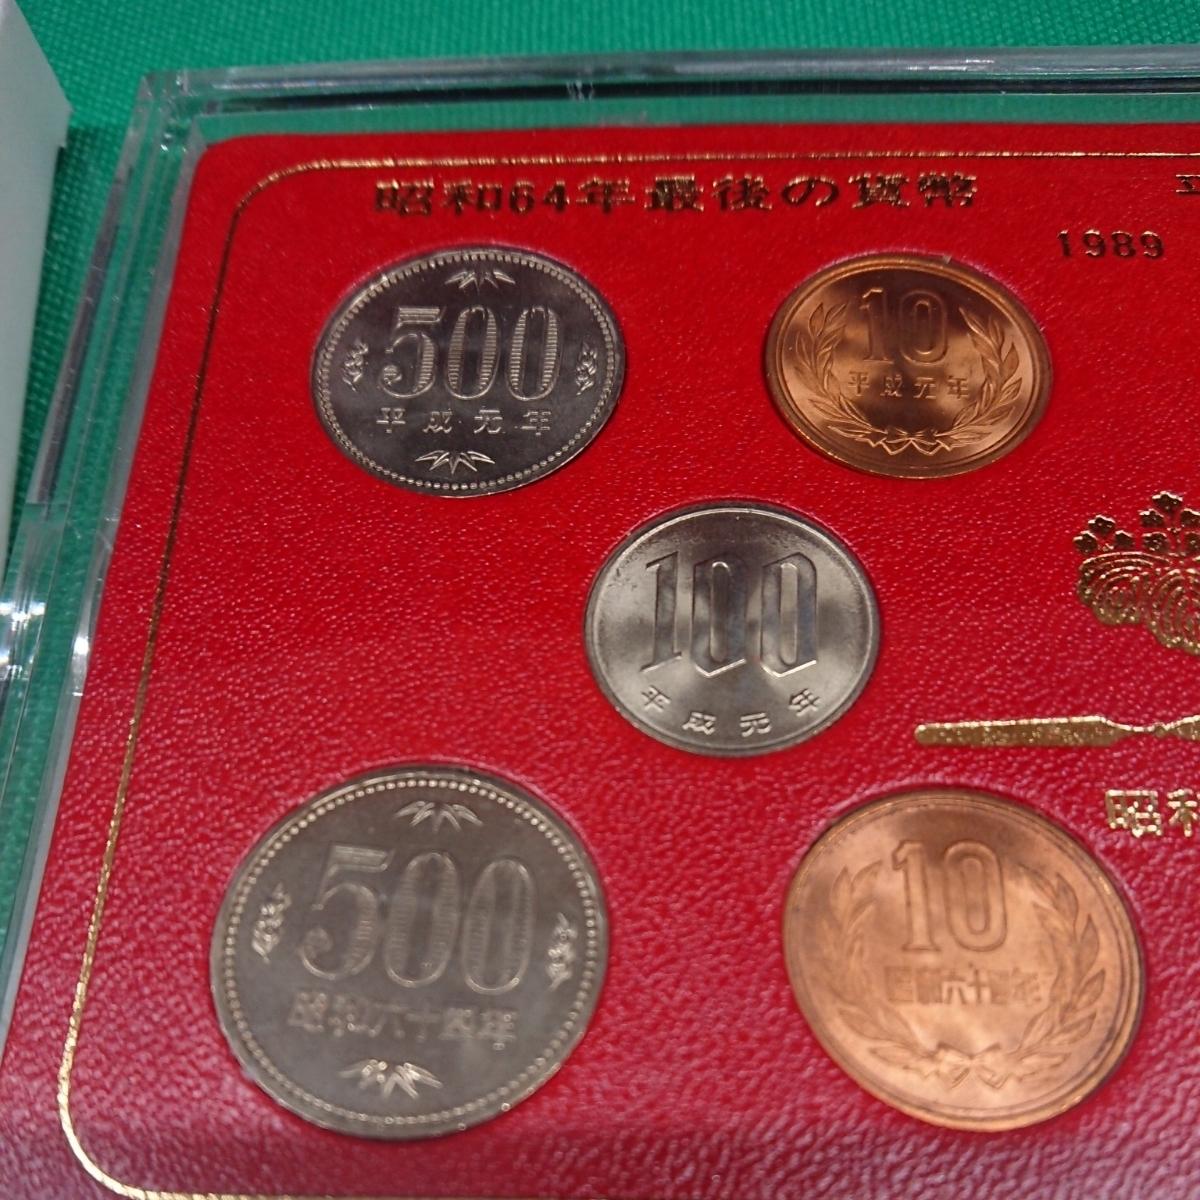 昭和64年最後の貨幣 平成元年最初の貨幣 プルーフセット_画像2